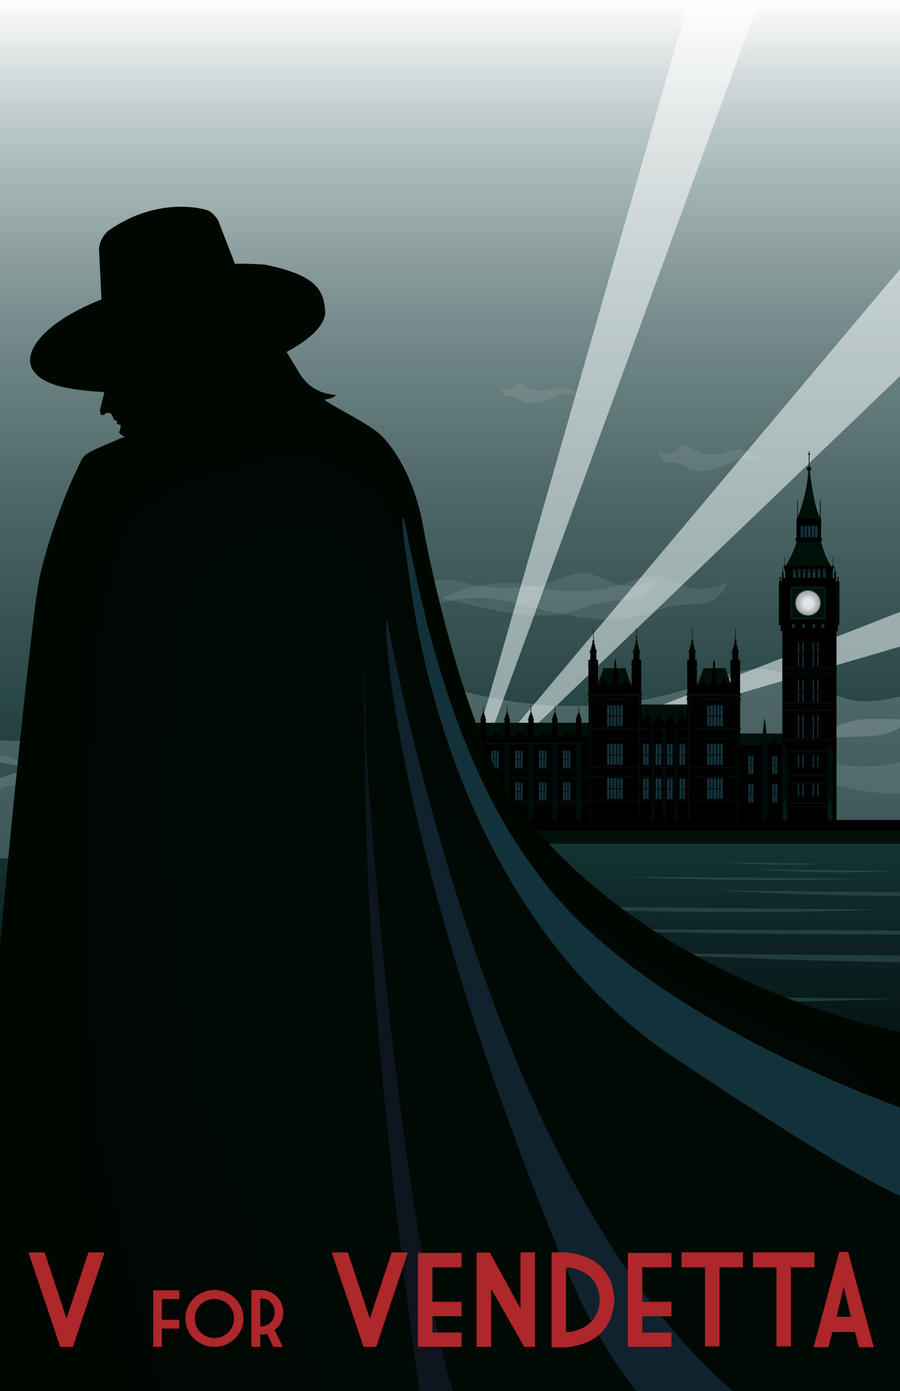 V For Vendetta Movie Poster Art Deco: V for Vendet...